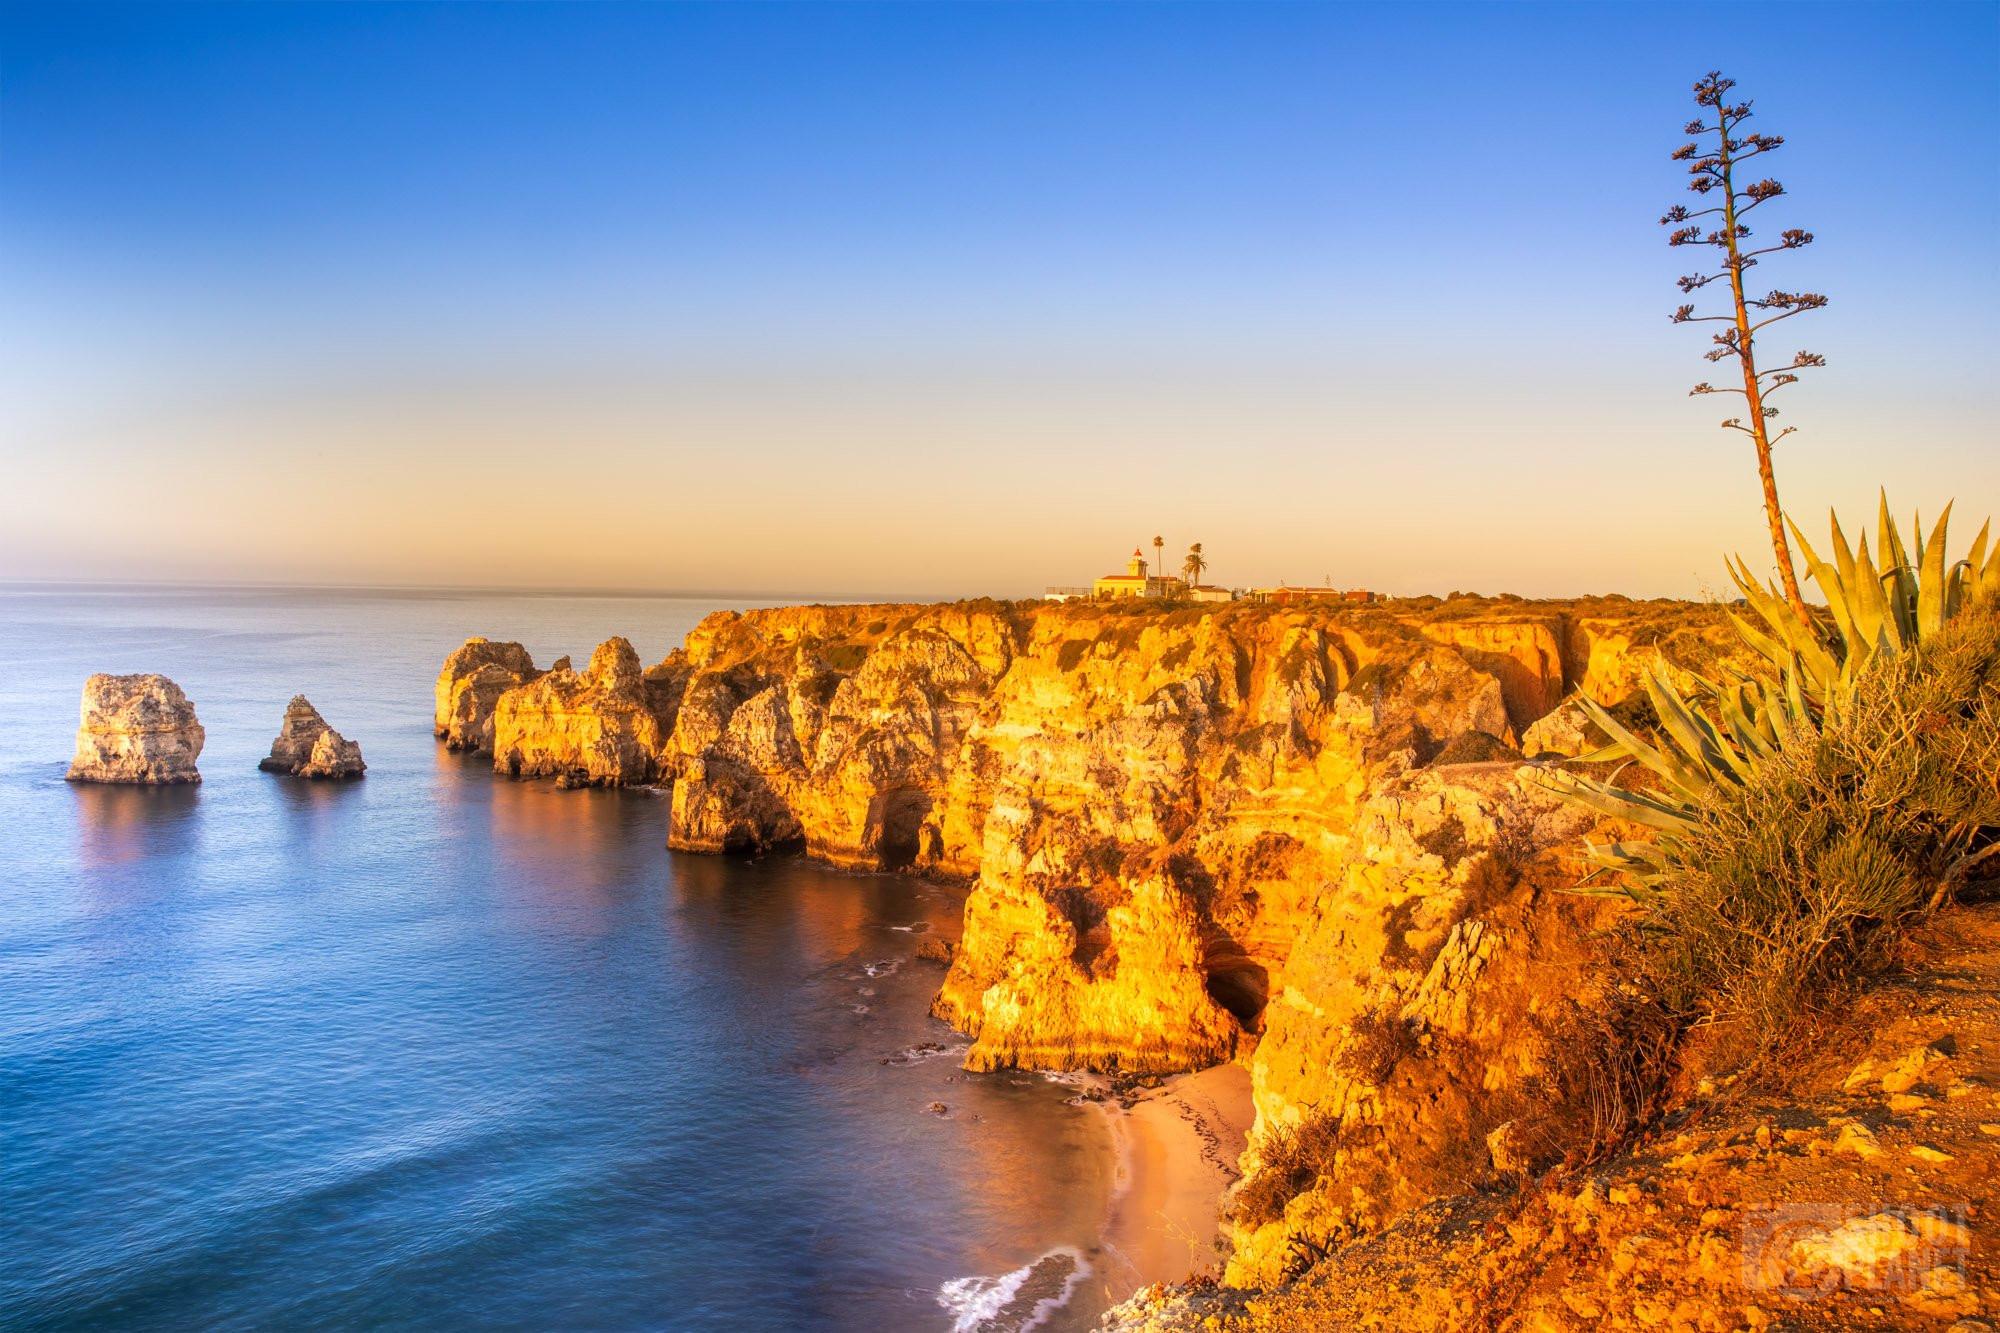 Ponta da Piedade coastline, Algarve Portugal